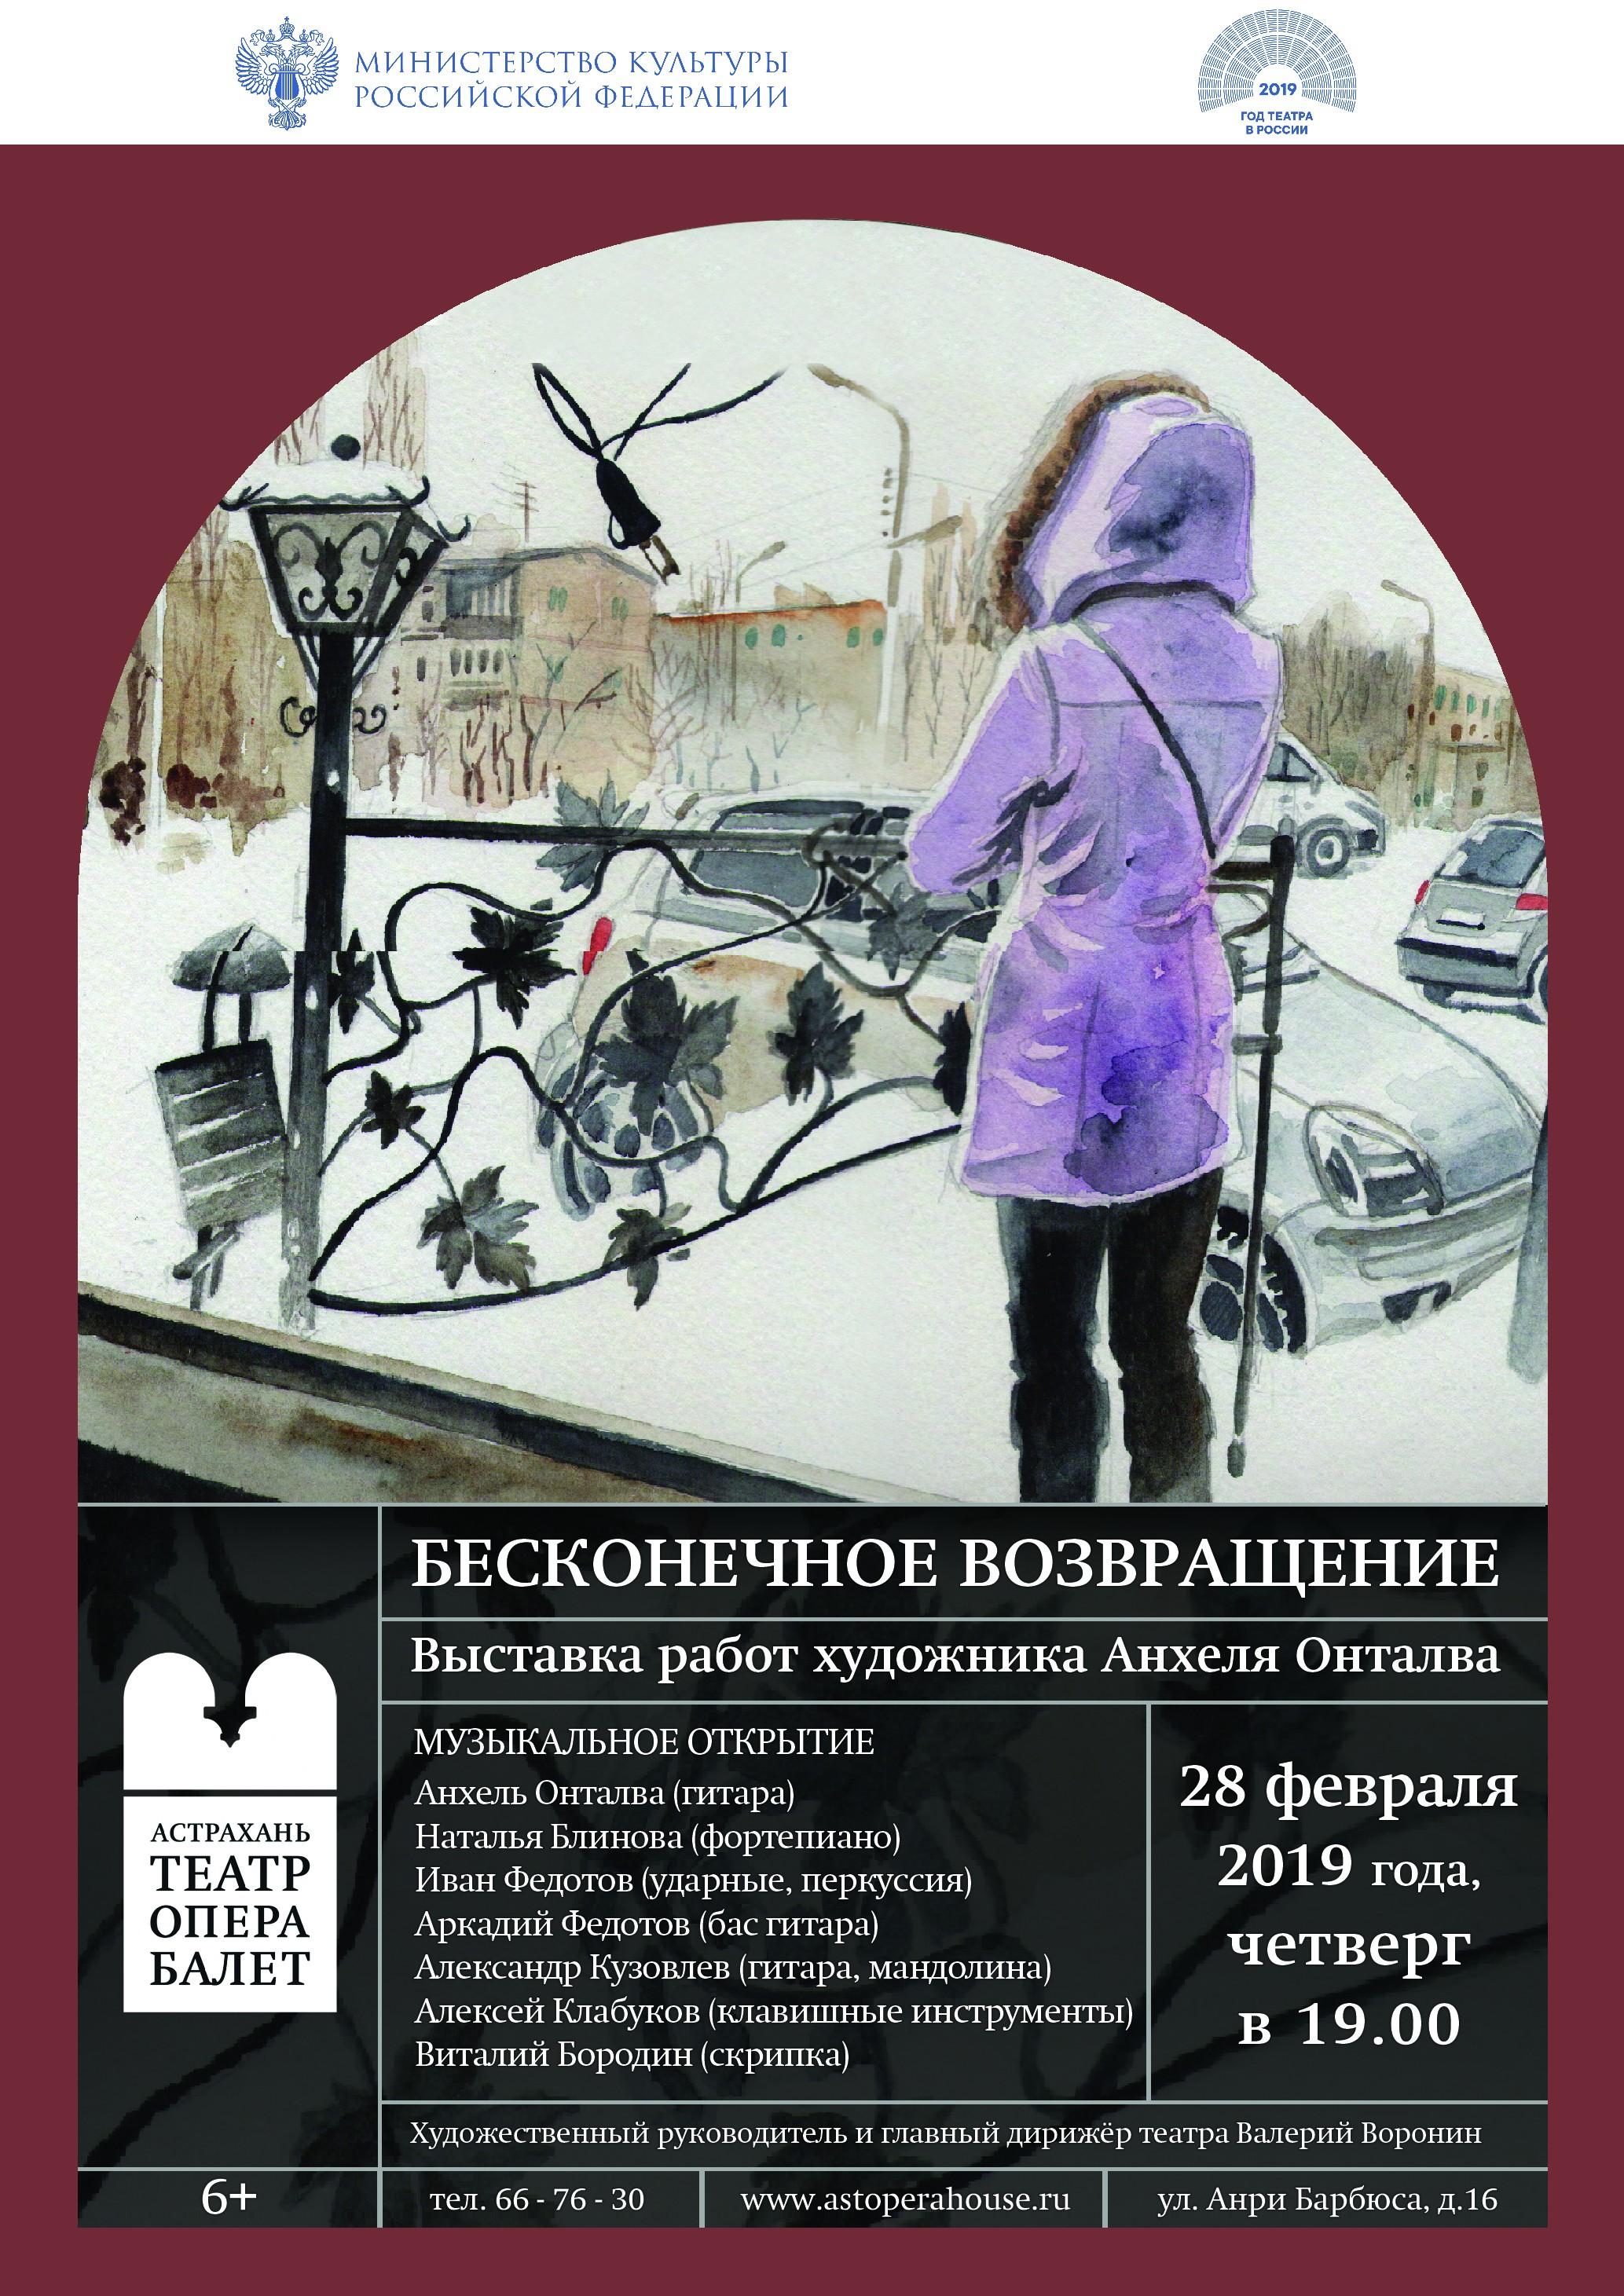 Анхель Онтальва  и его бесконечный роман с Астраханью